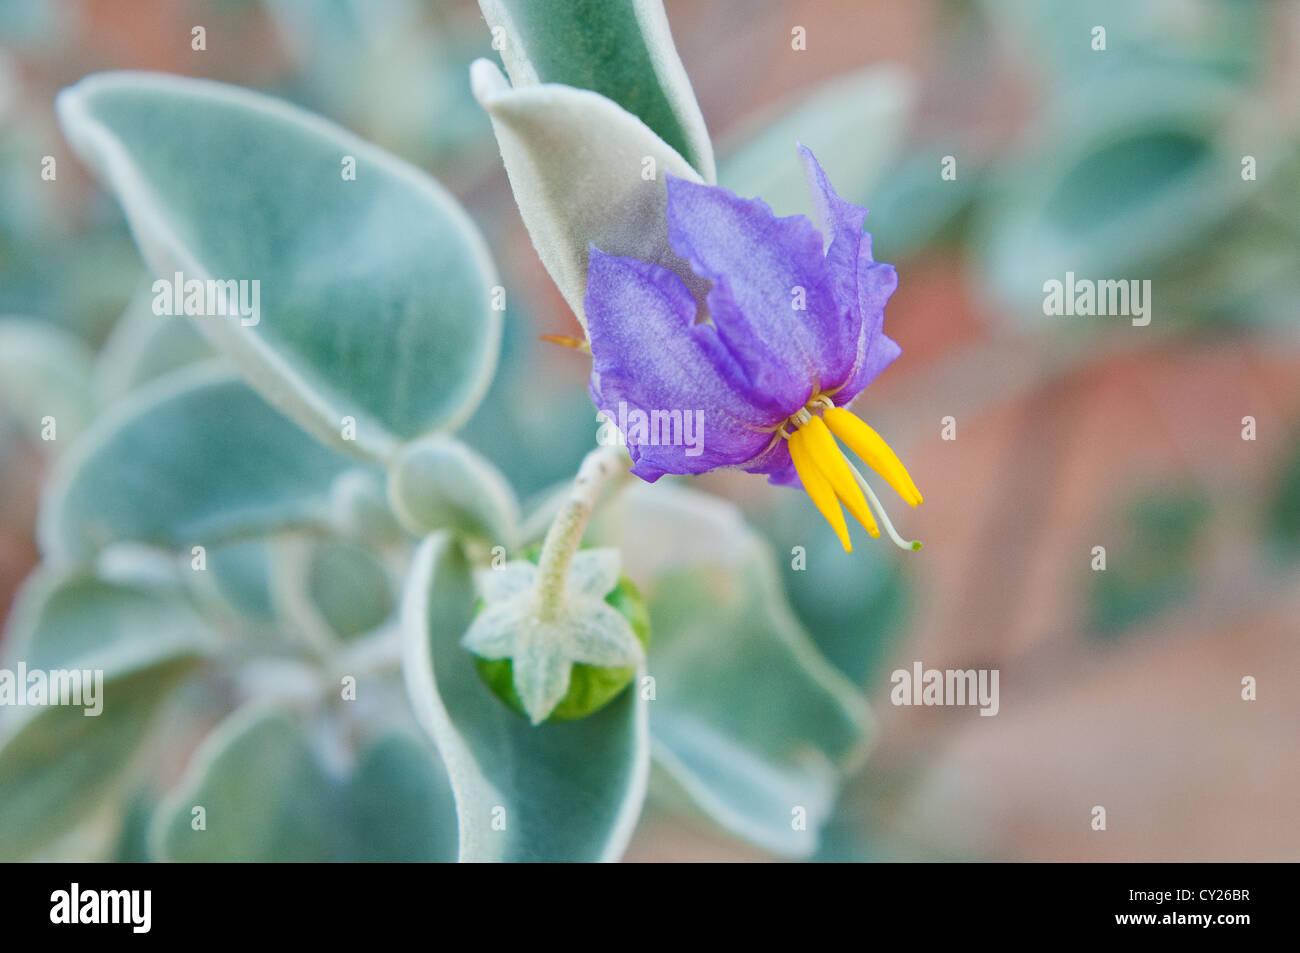 Fleur pourpre de la tomate Bush. Photo Stock